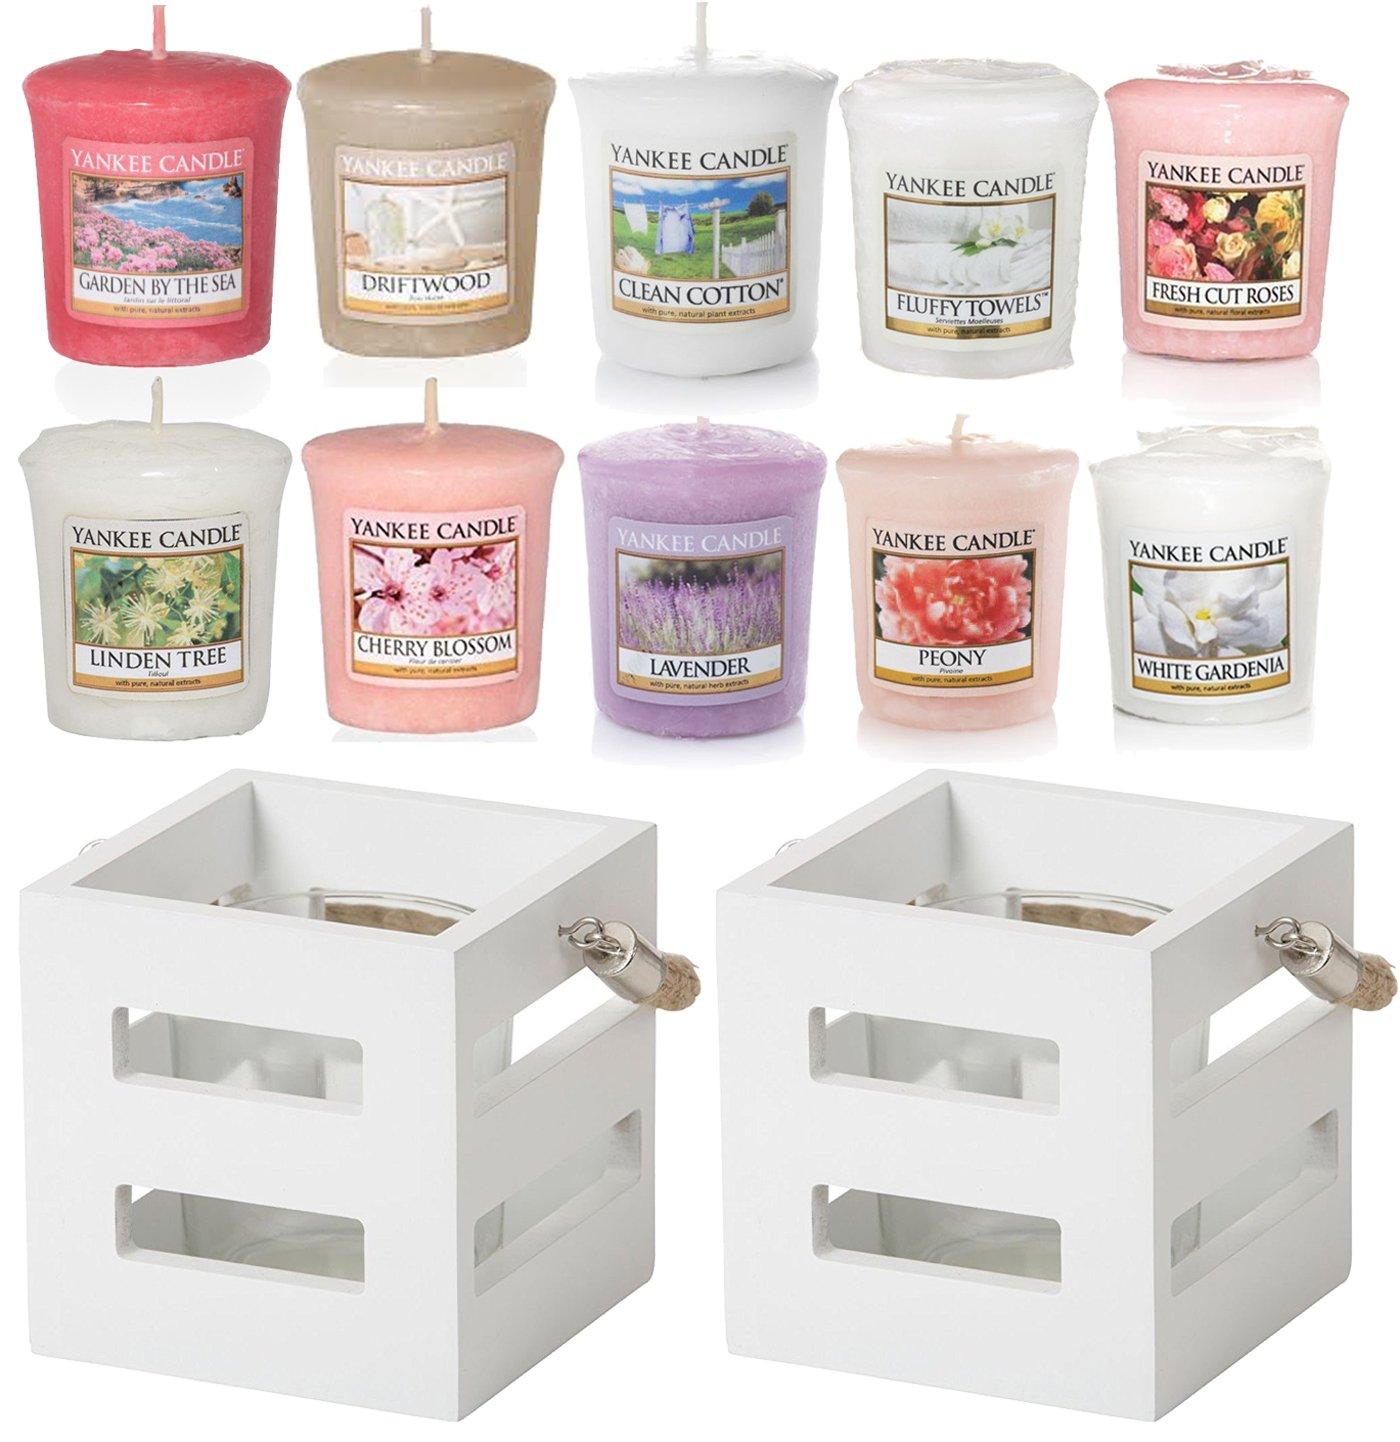 Portavelas Yankee Candle de madera de color blanco, 2 unidades, incluye 10 velas de muestra My Planet Yankee Candle